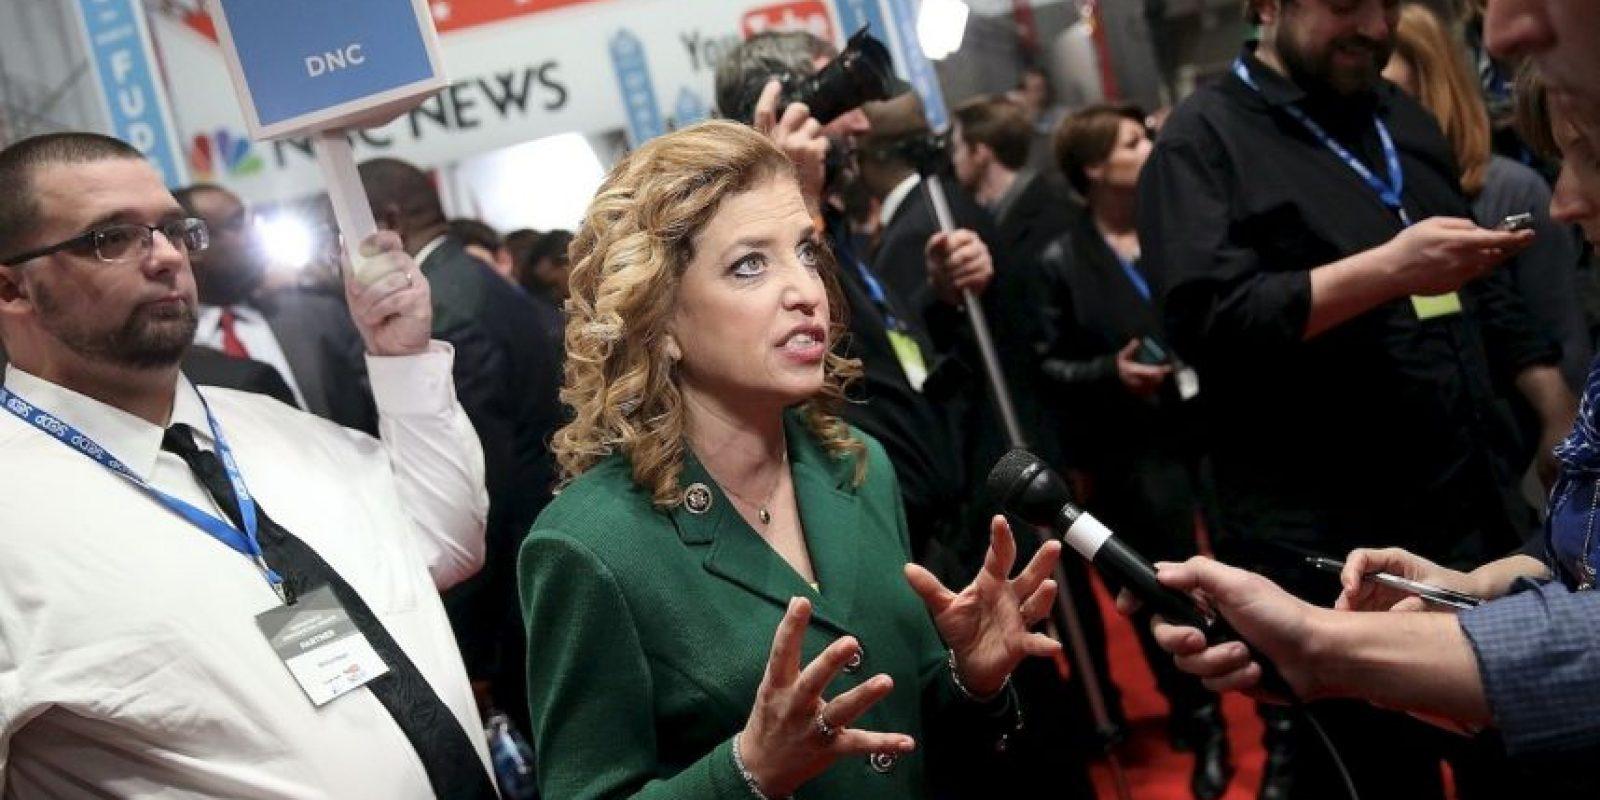 La Convención Nacional Demócrata comenzará este lunes Foto:Getty Images